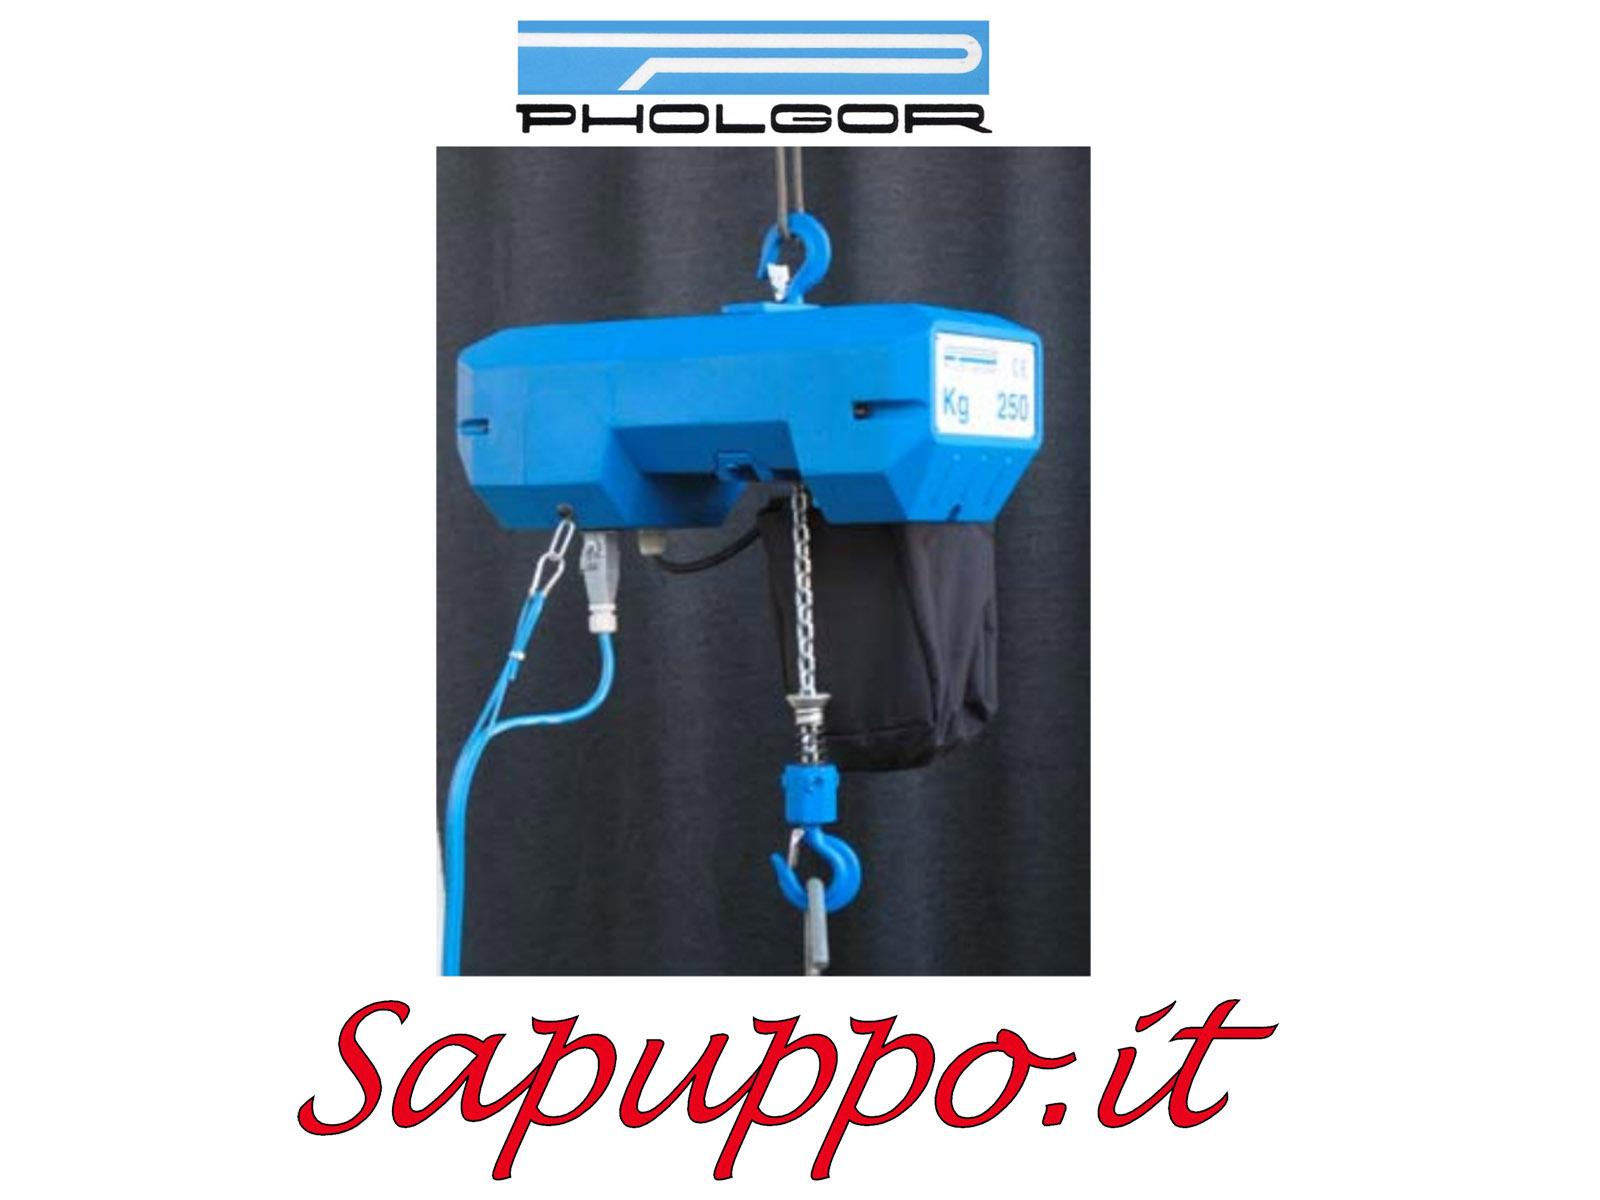 Paranco elettrico a catena a 2 velocità con carrello a traslazione meccanica - PHOLGOR